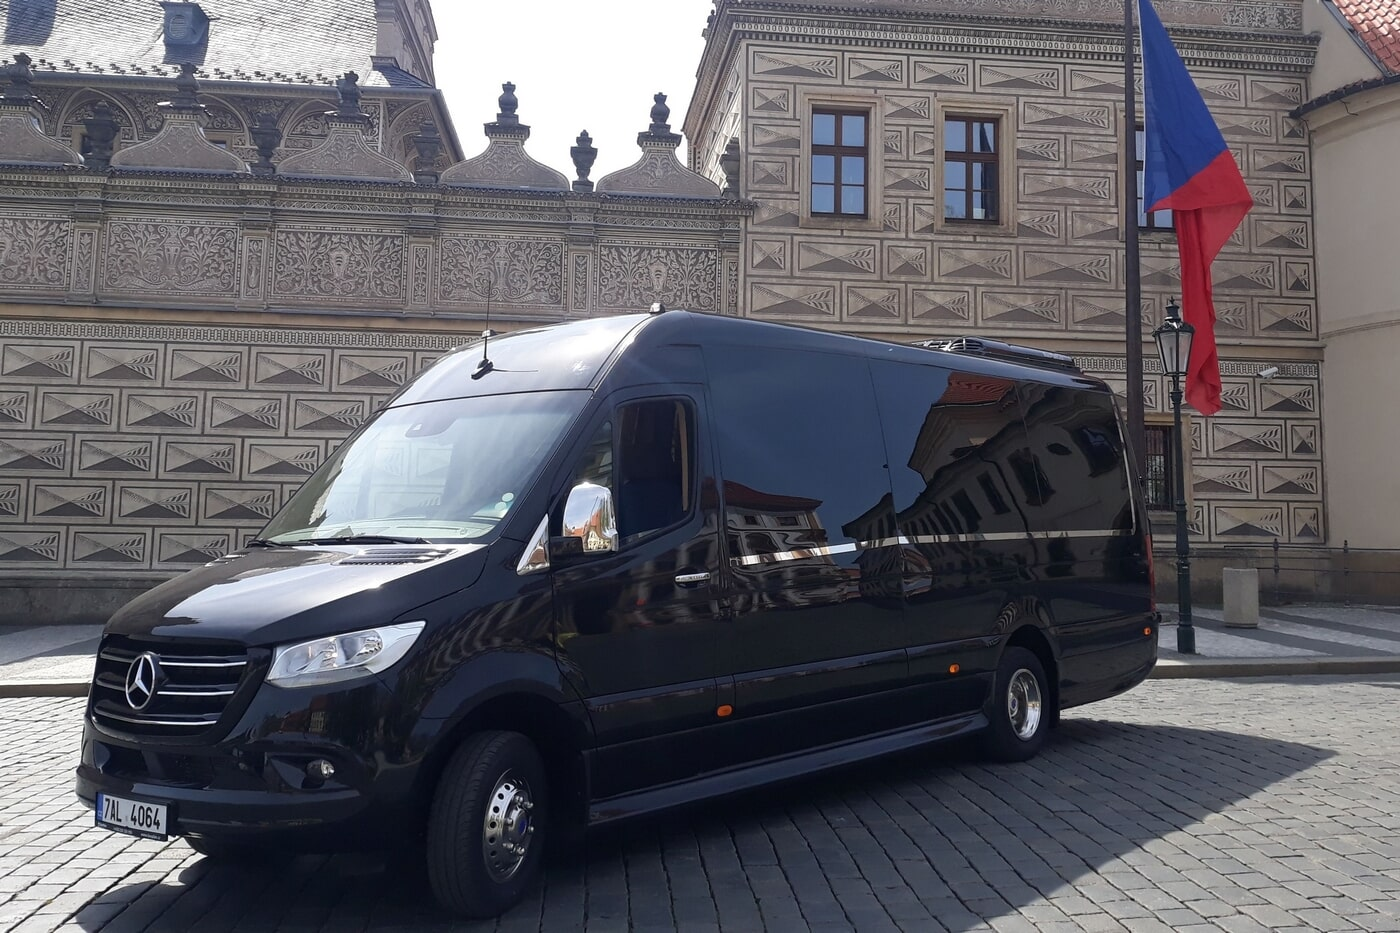 Mercedes-Benz Sprinter 519 CDI-XL - pronájmy mikrobusů a autobusů MARFIS Praha